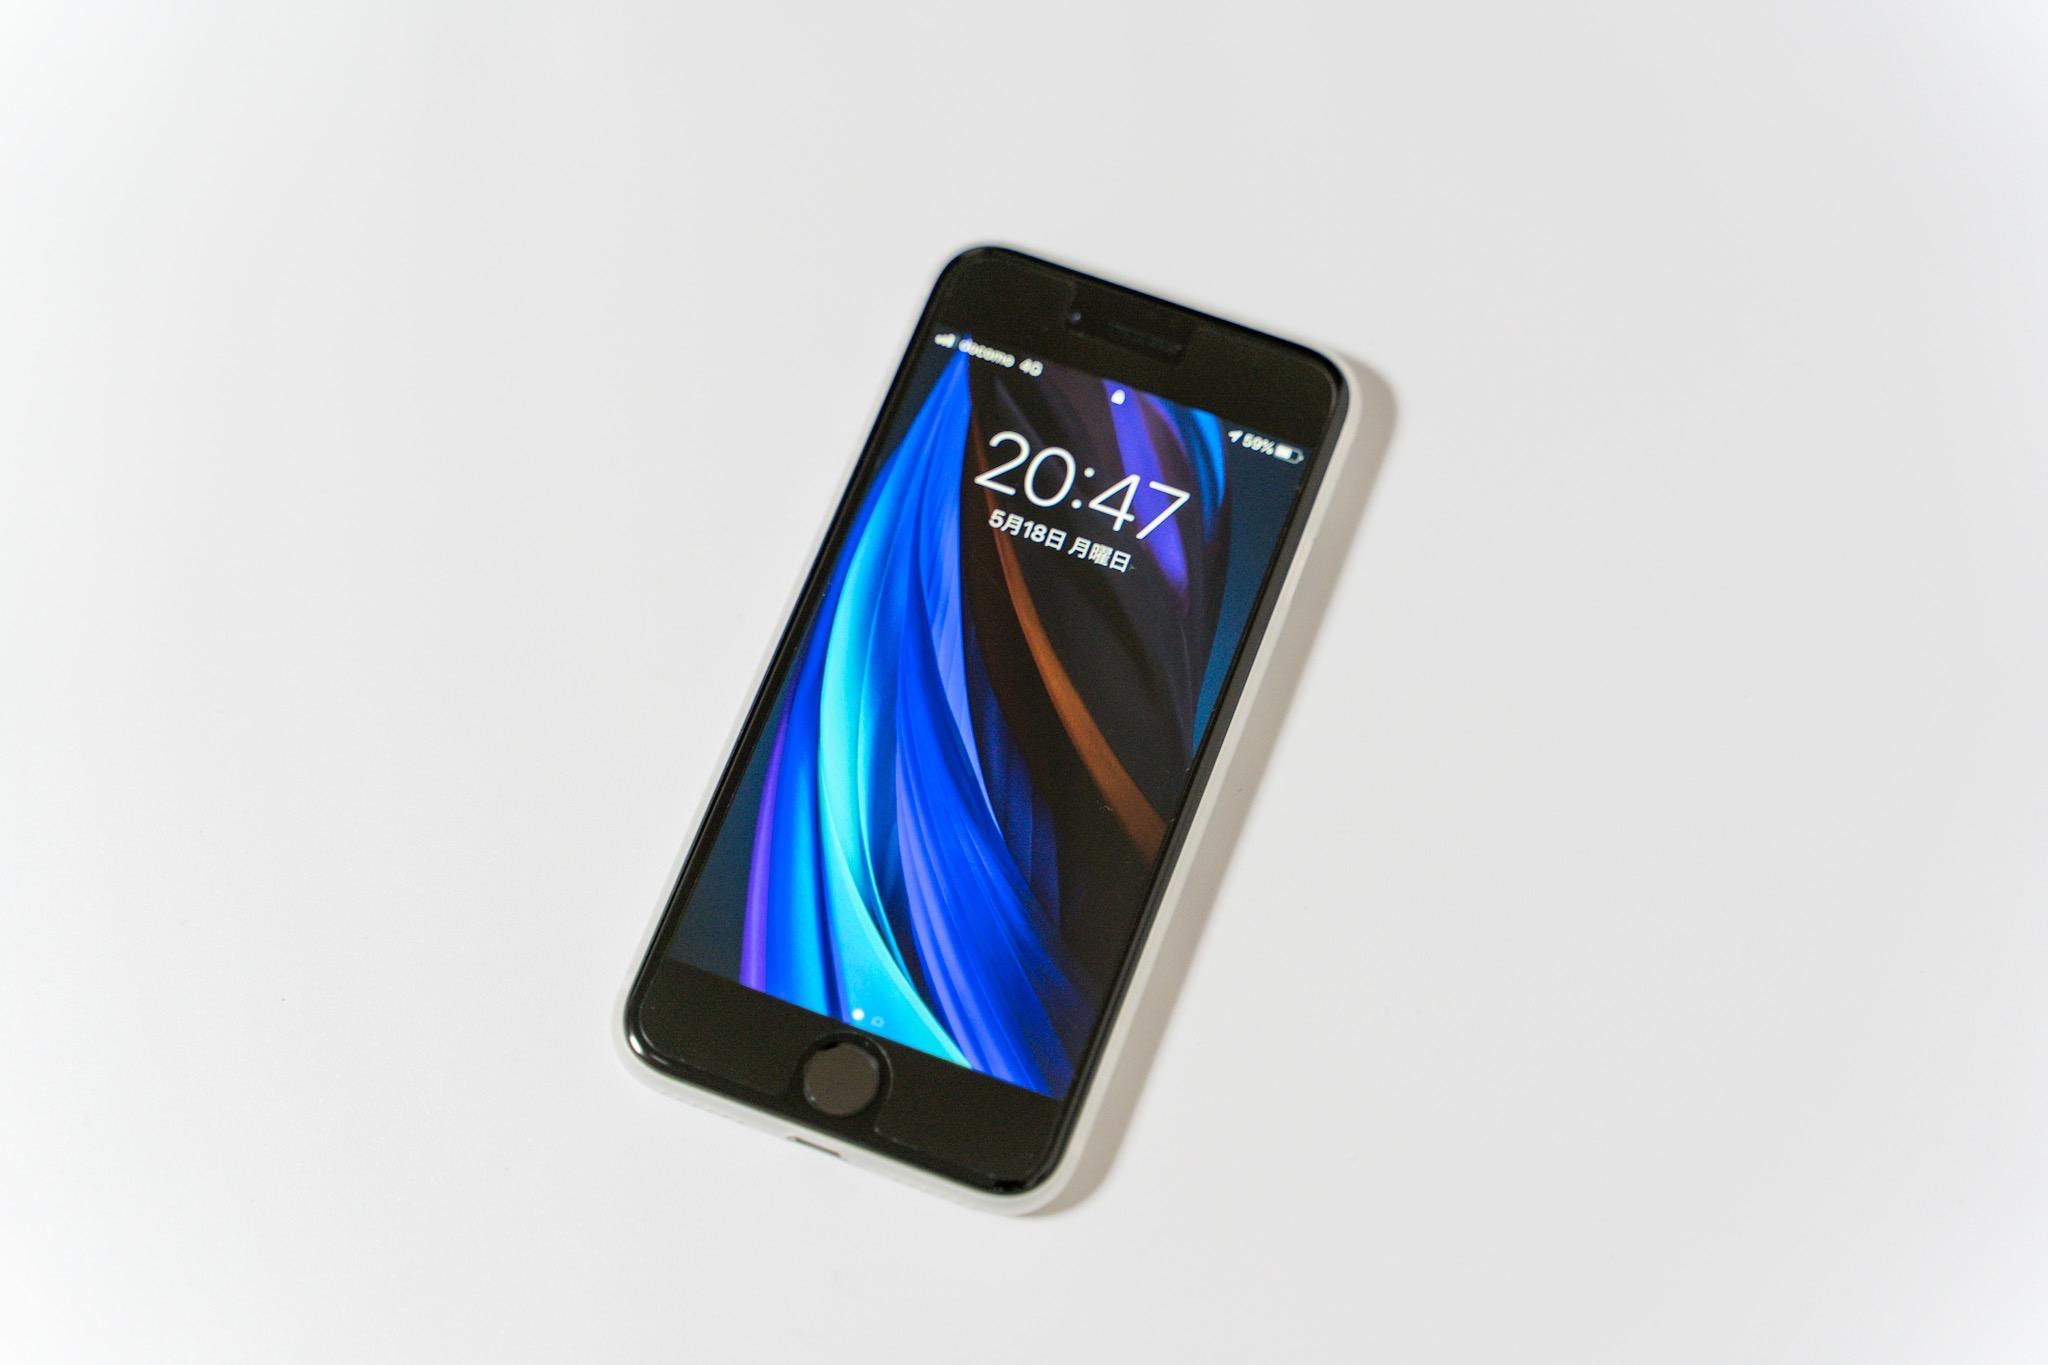 ケースの大きさが気になる人にオススメ。iPhoneSEでも使えるmemumiのiPhone8用超薄型・軽量ケース